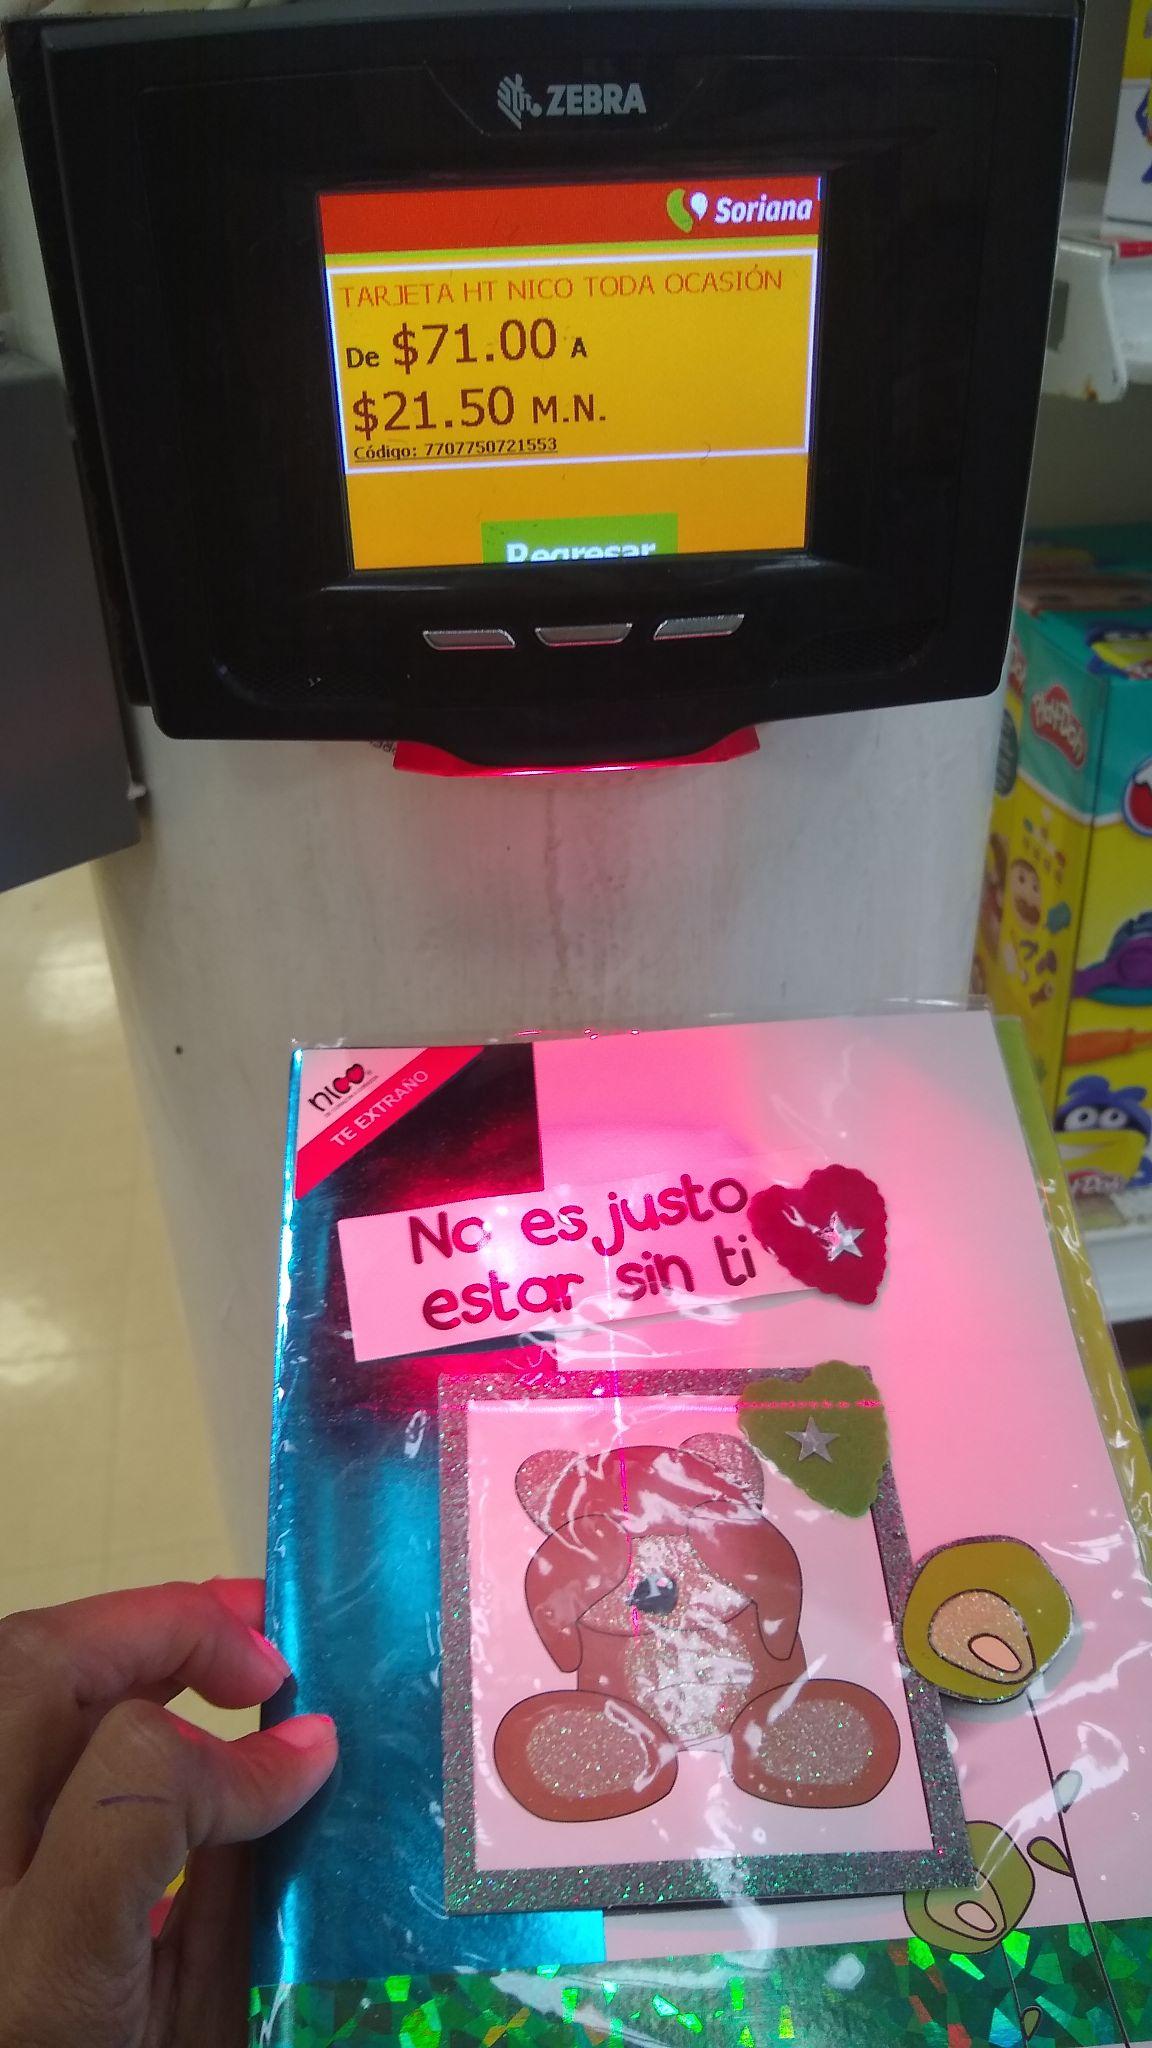 Mega niños héroes Cancún tarjetas Nico en liquidación varían los precios